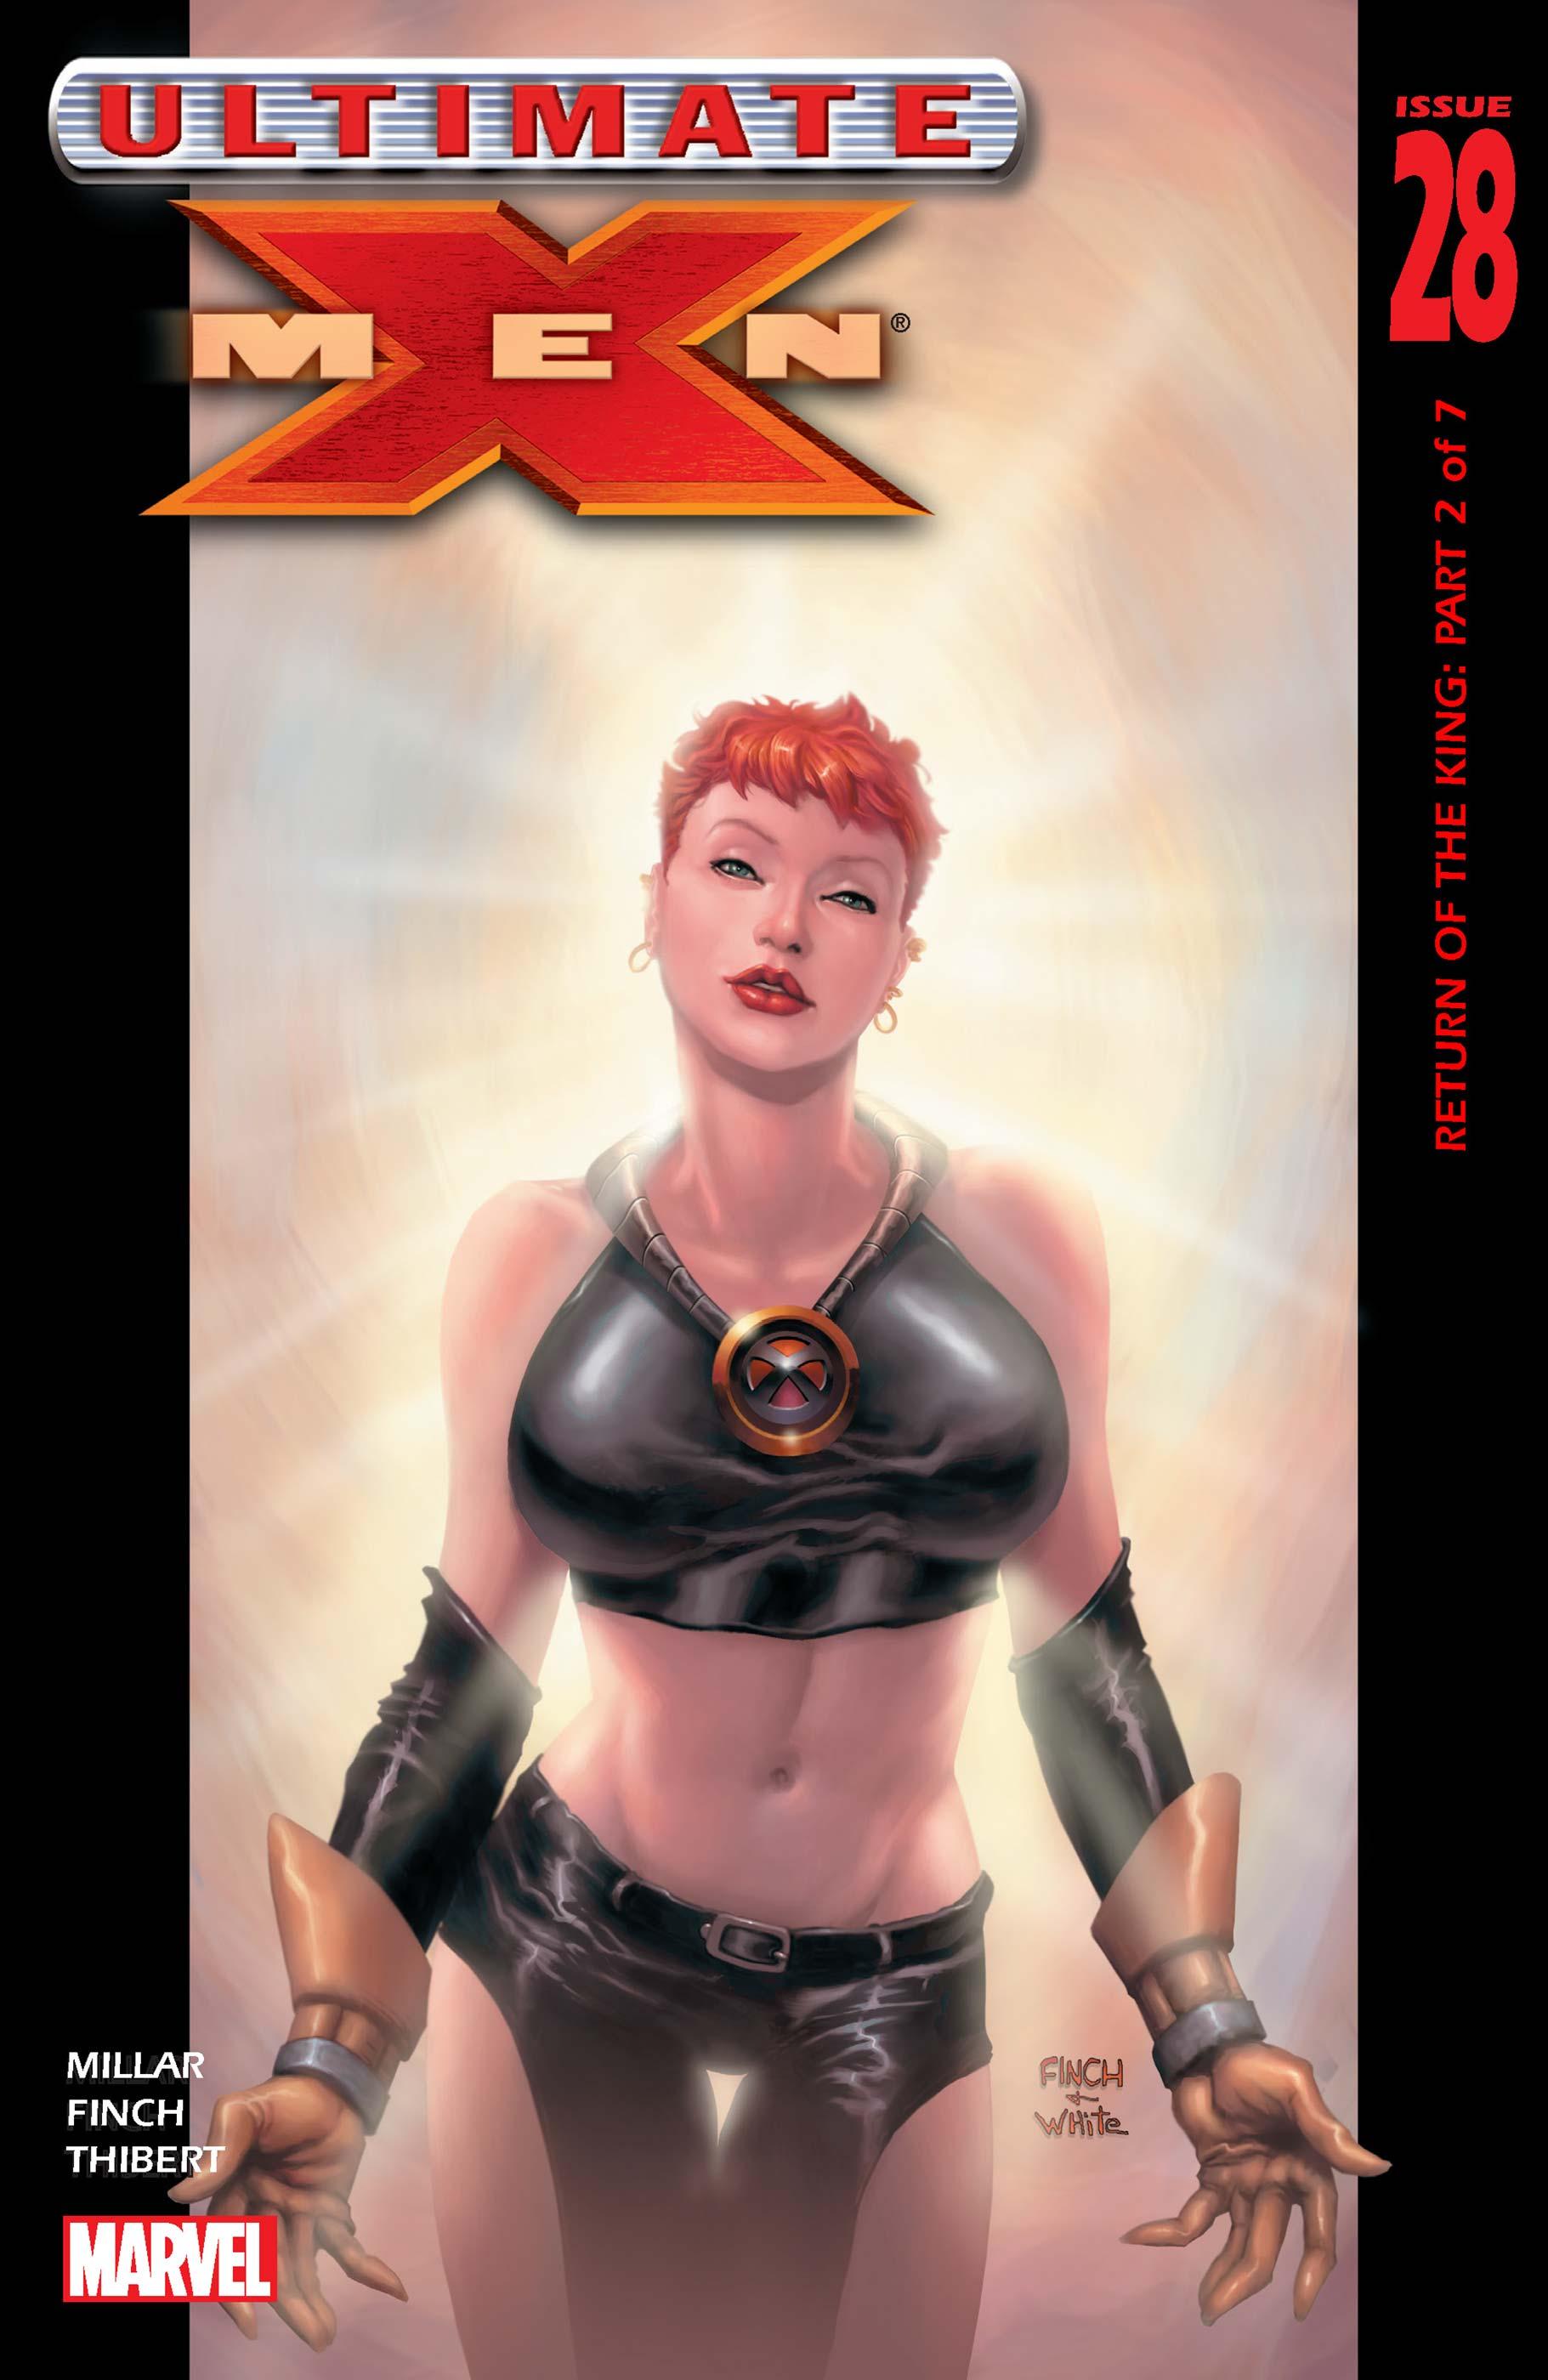 Ultimate X-Men (2000) #28